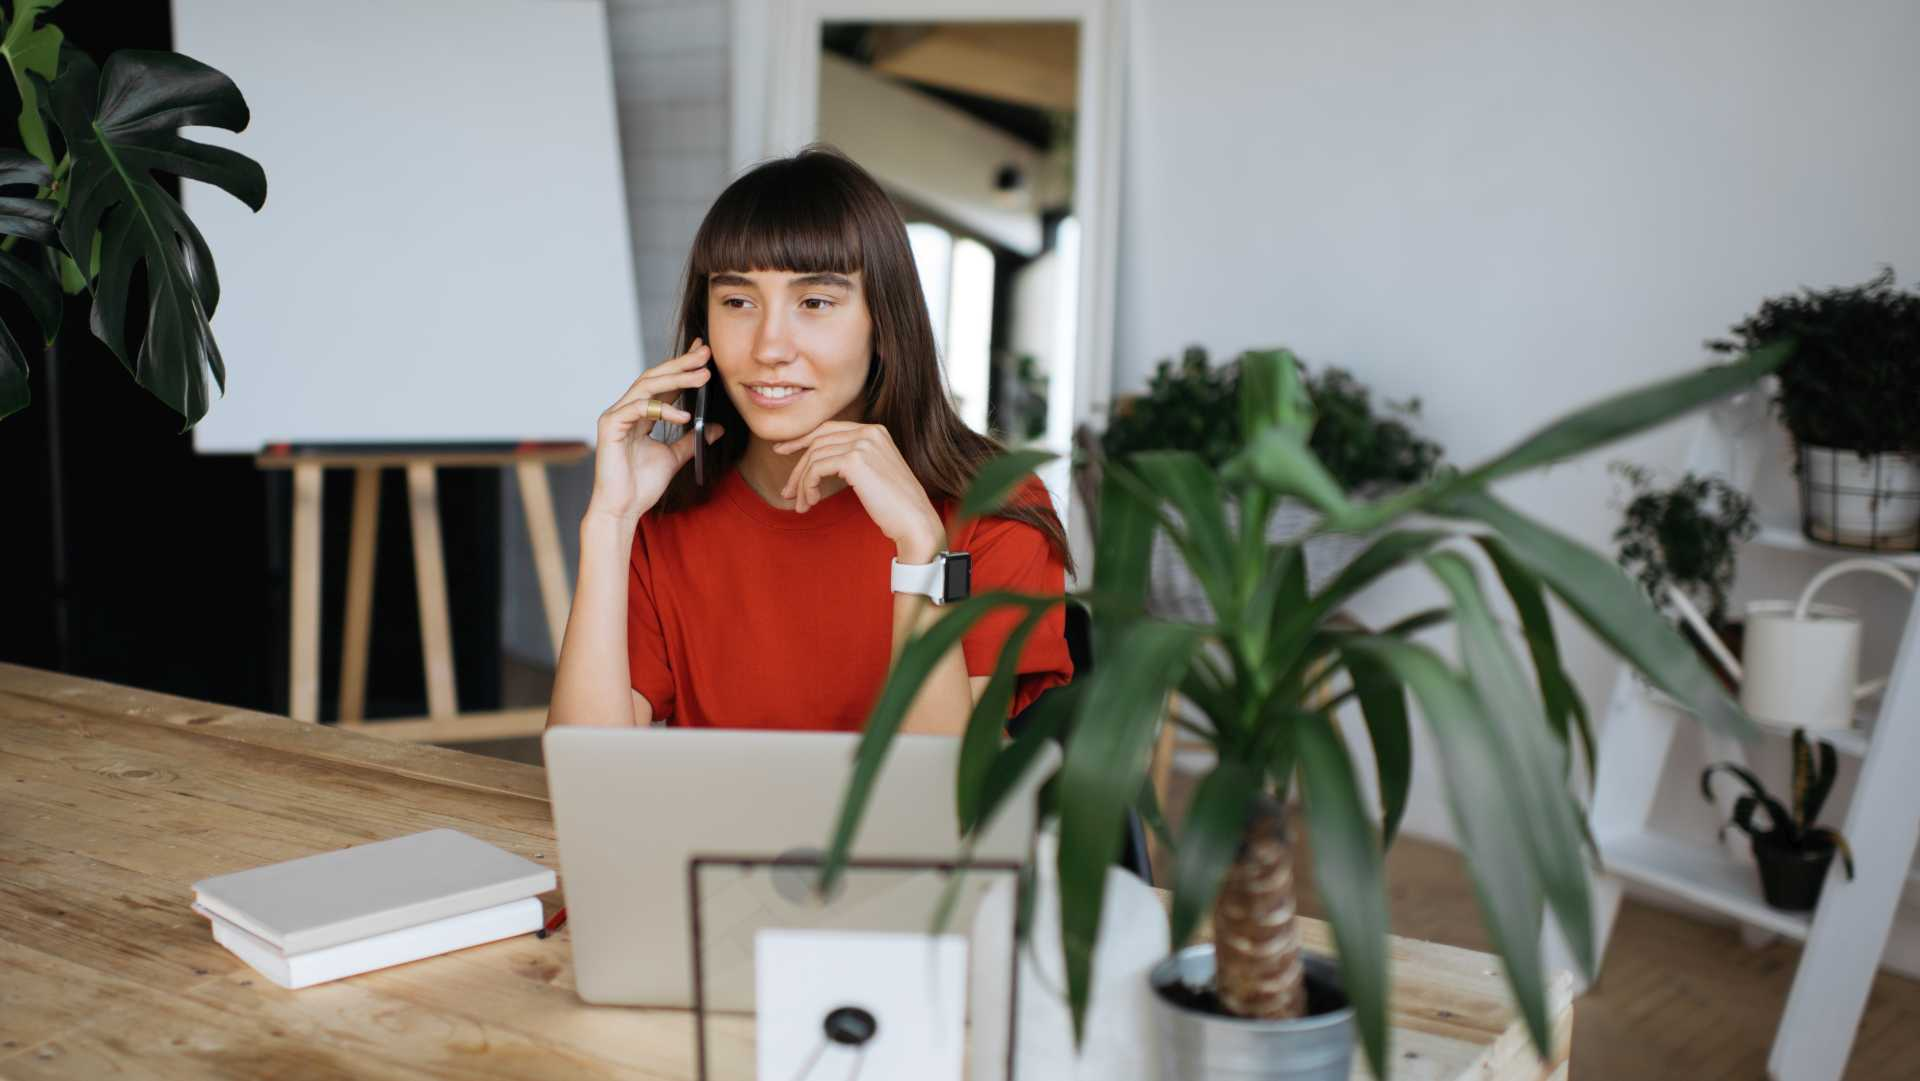 quanto-guadagna-social-media-manager_corsetty-corsi-marketing-digitale-online_veronica-spora-benini